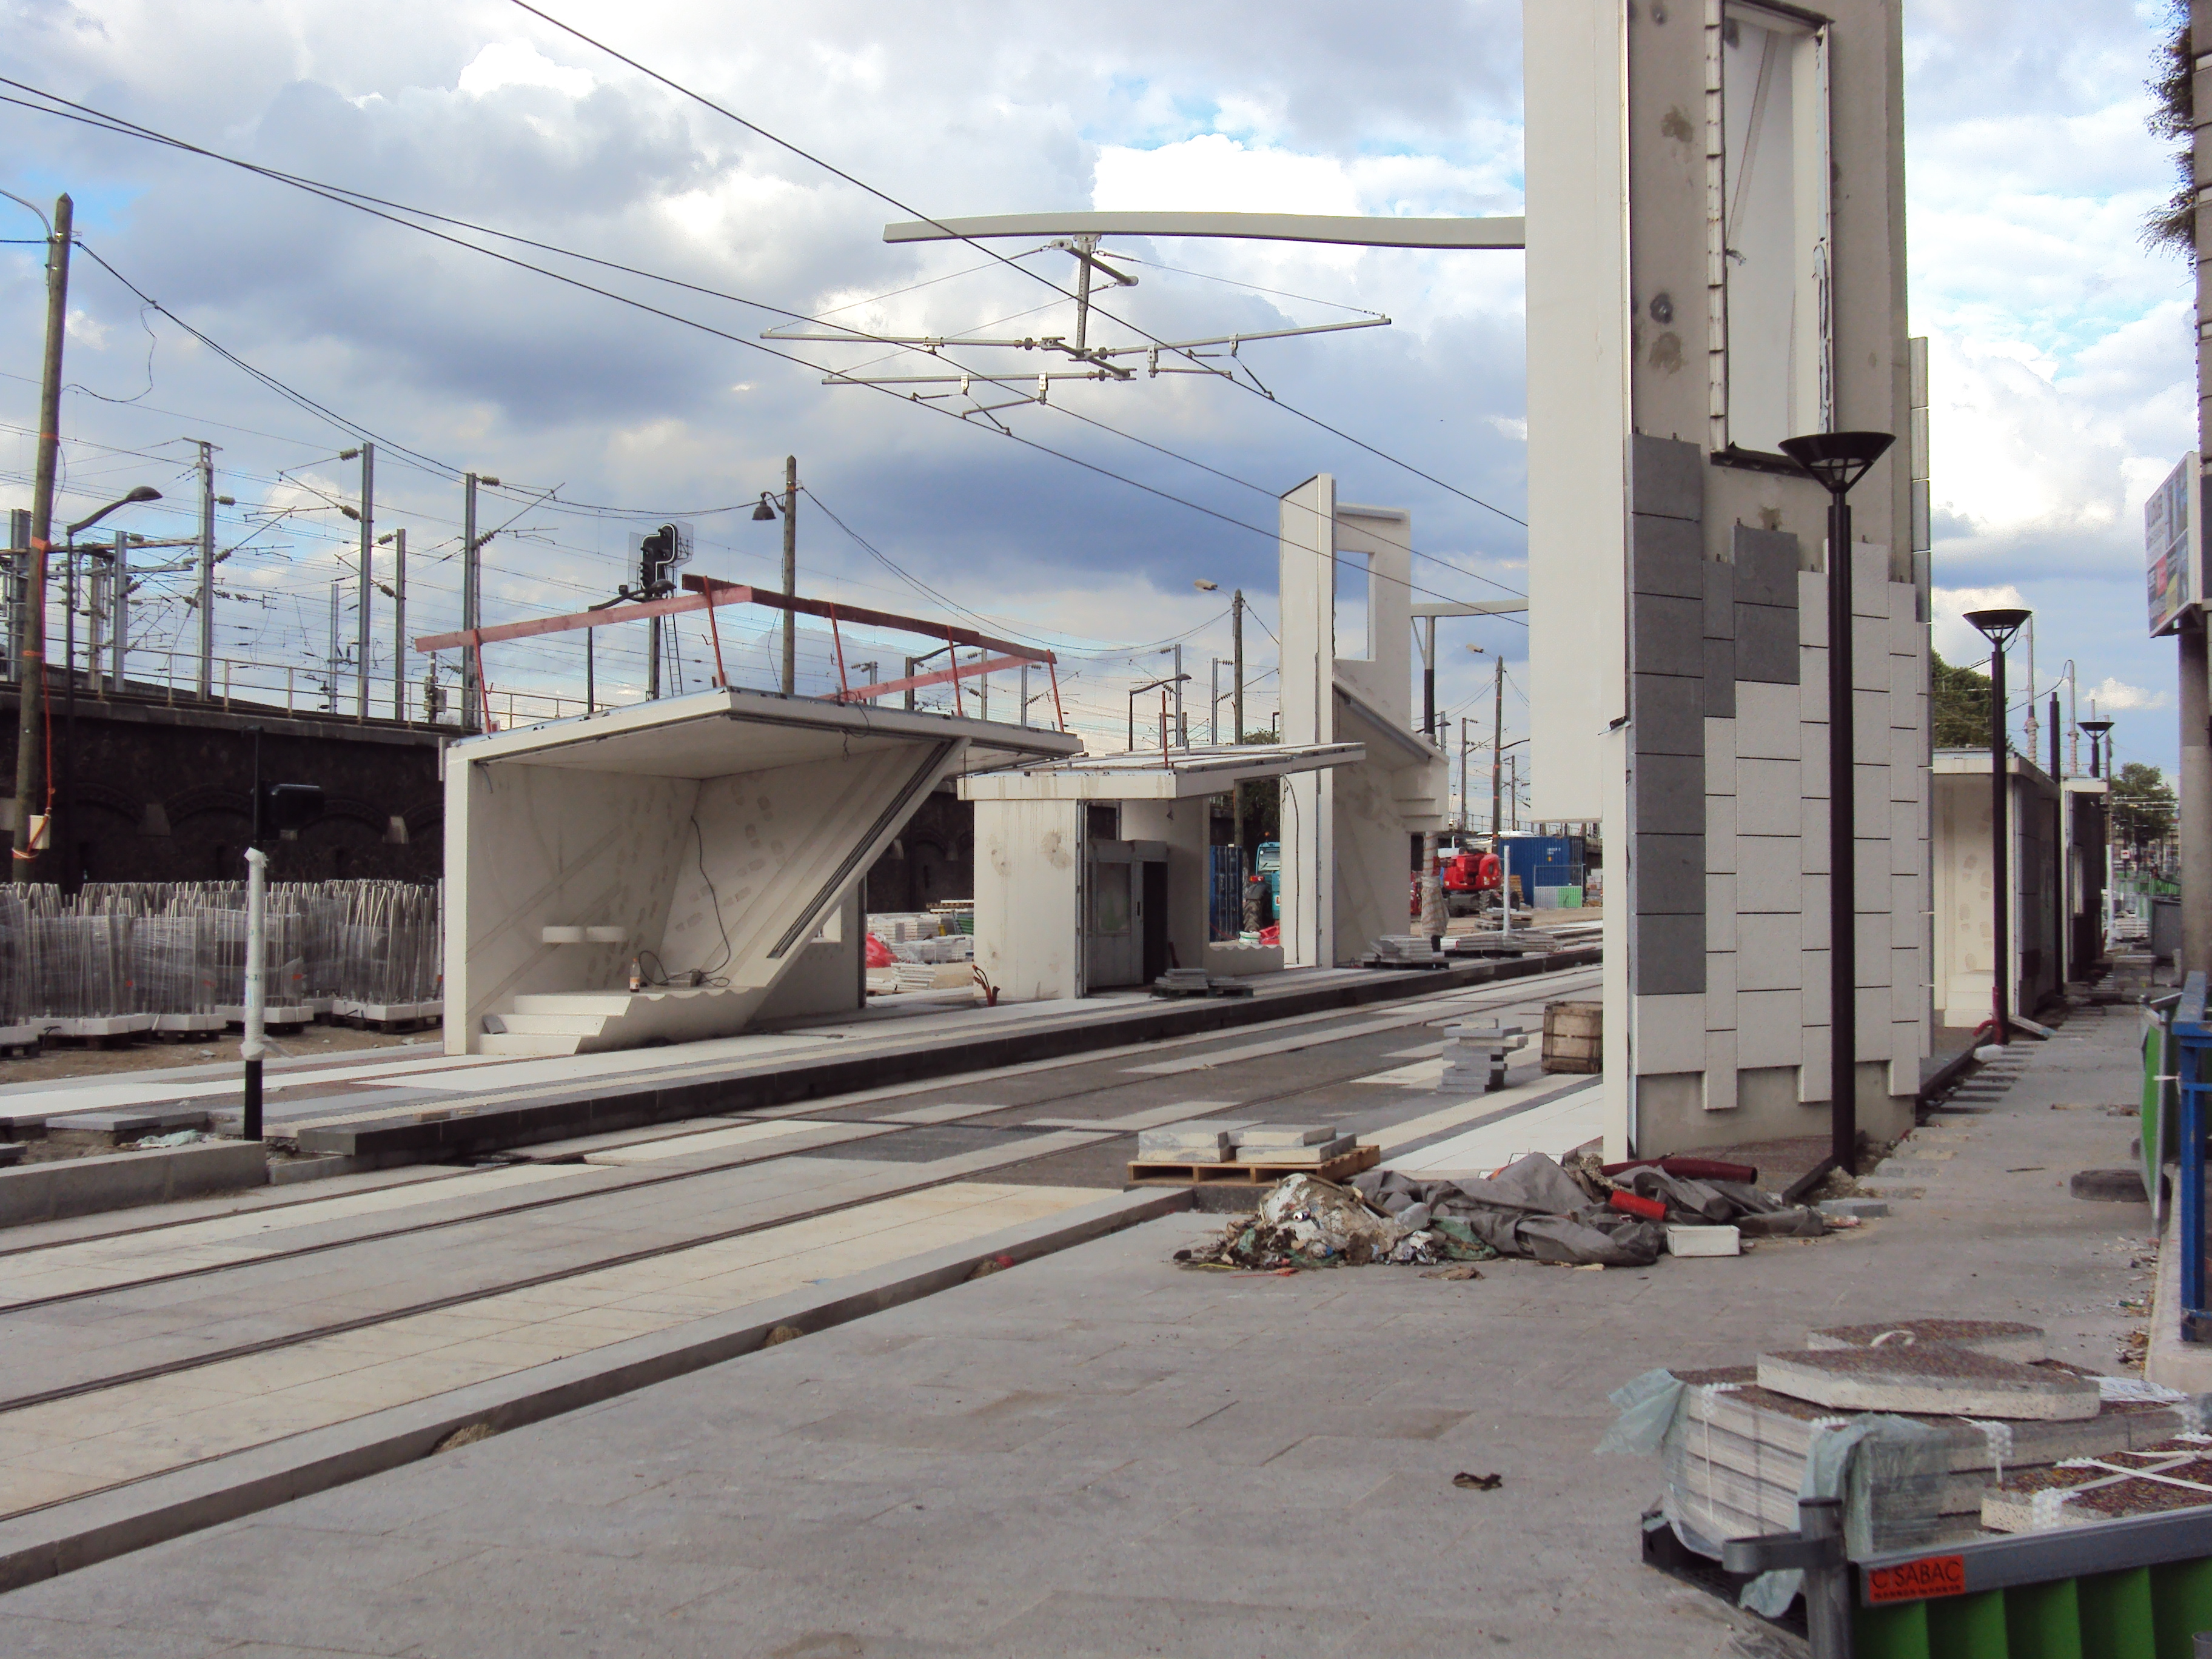 Fichier travaux t3b station porte de la villette juillet 2012 3 jpg wikip dia - La pena porte de la villette ...